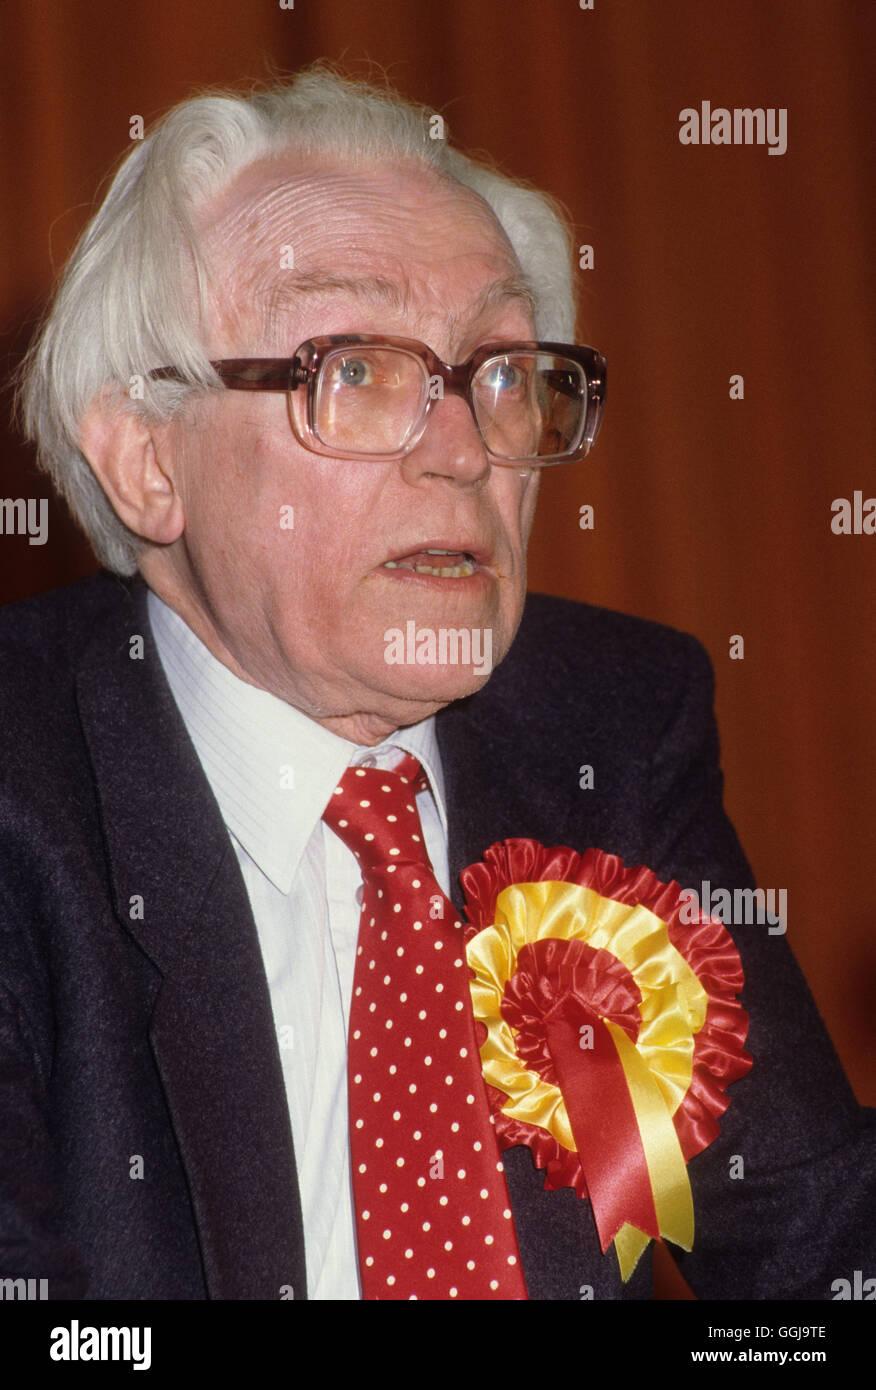 Michael pie MP reunión del partido laborista del Reino Unido Birmingham 1982 Homero SYKES Imagen De Stock